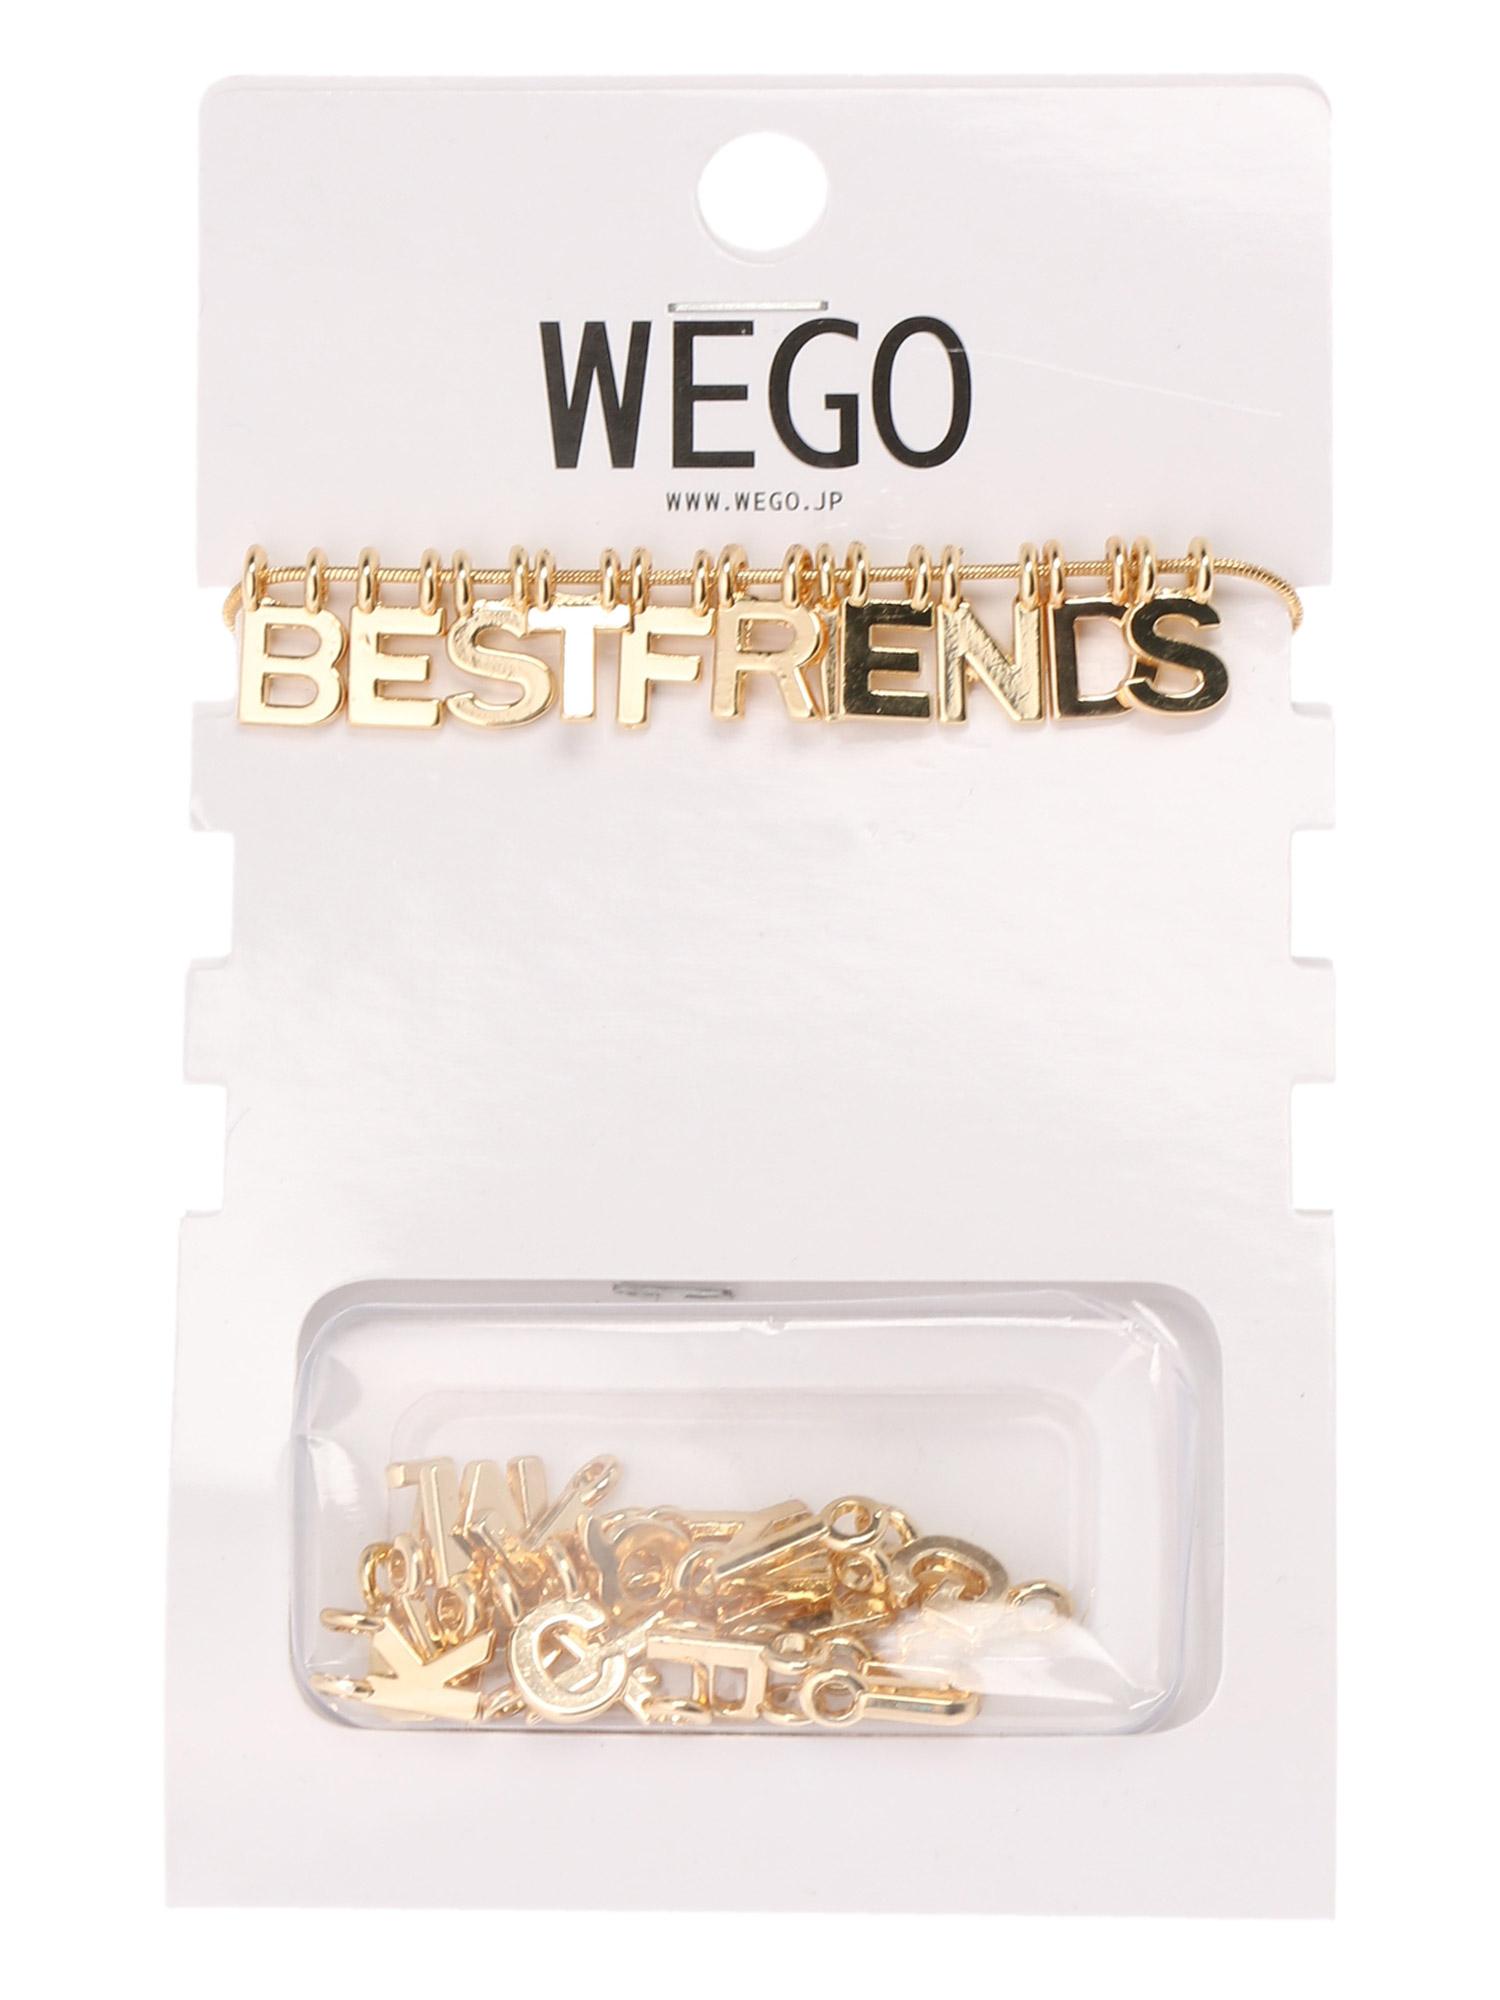 WEGO/メッセージネックレス